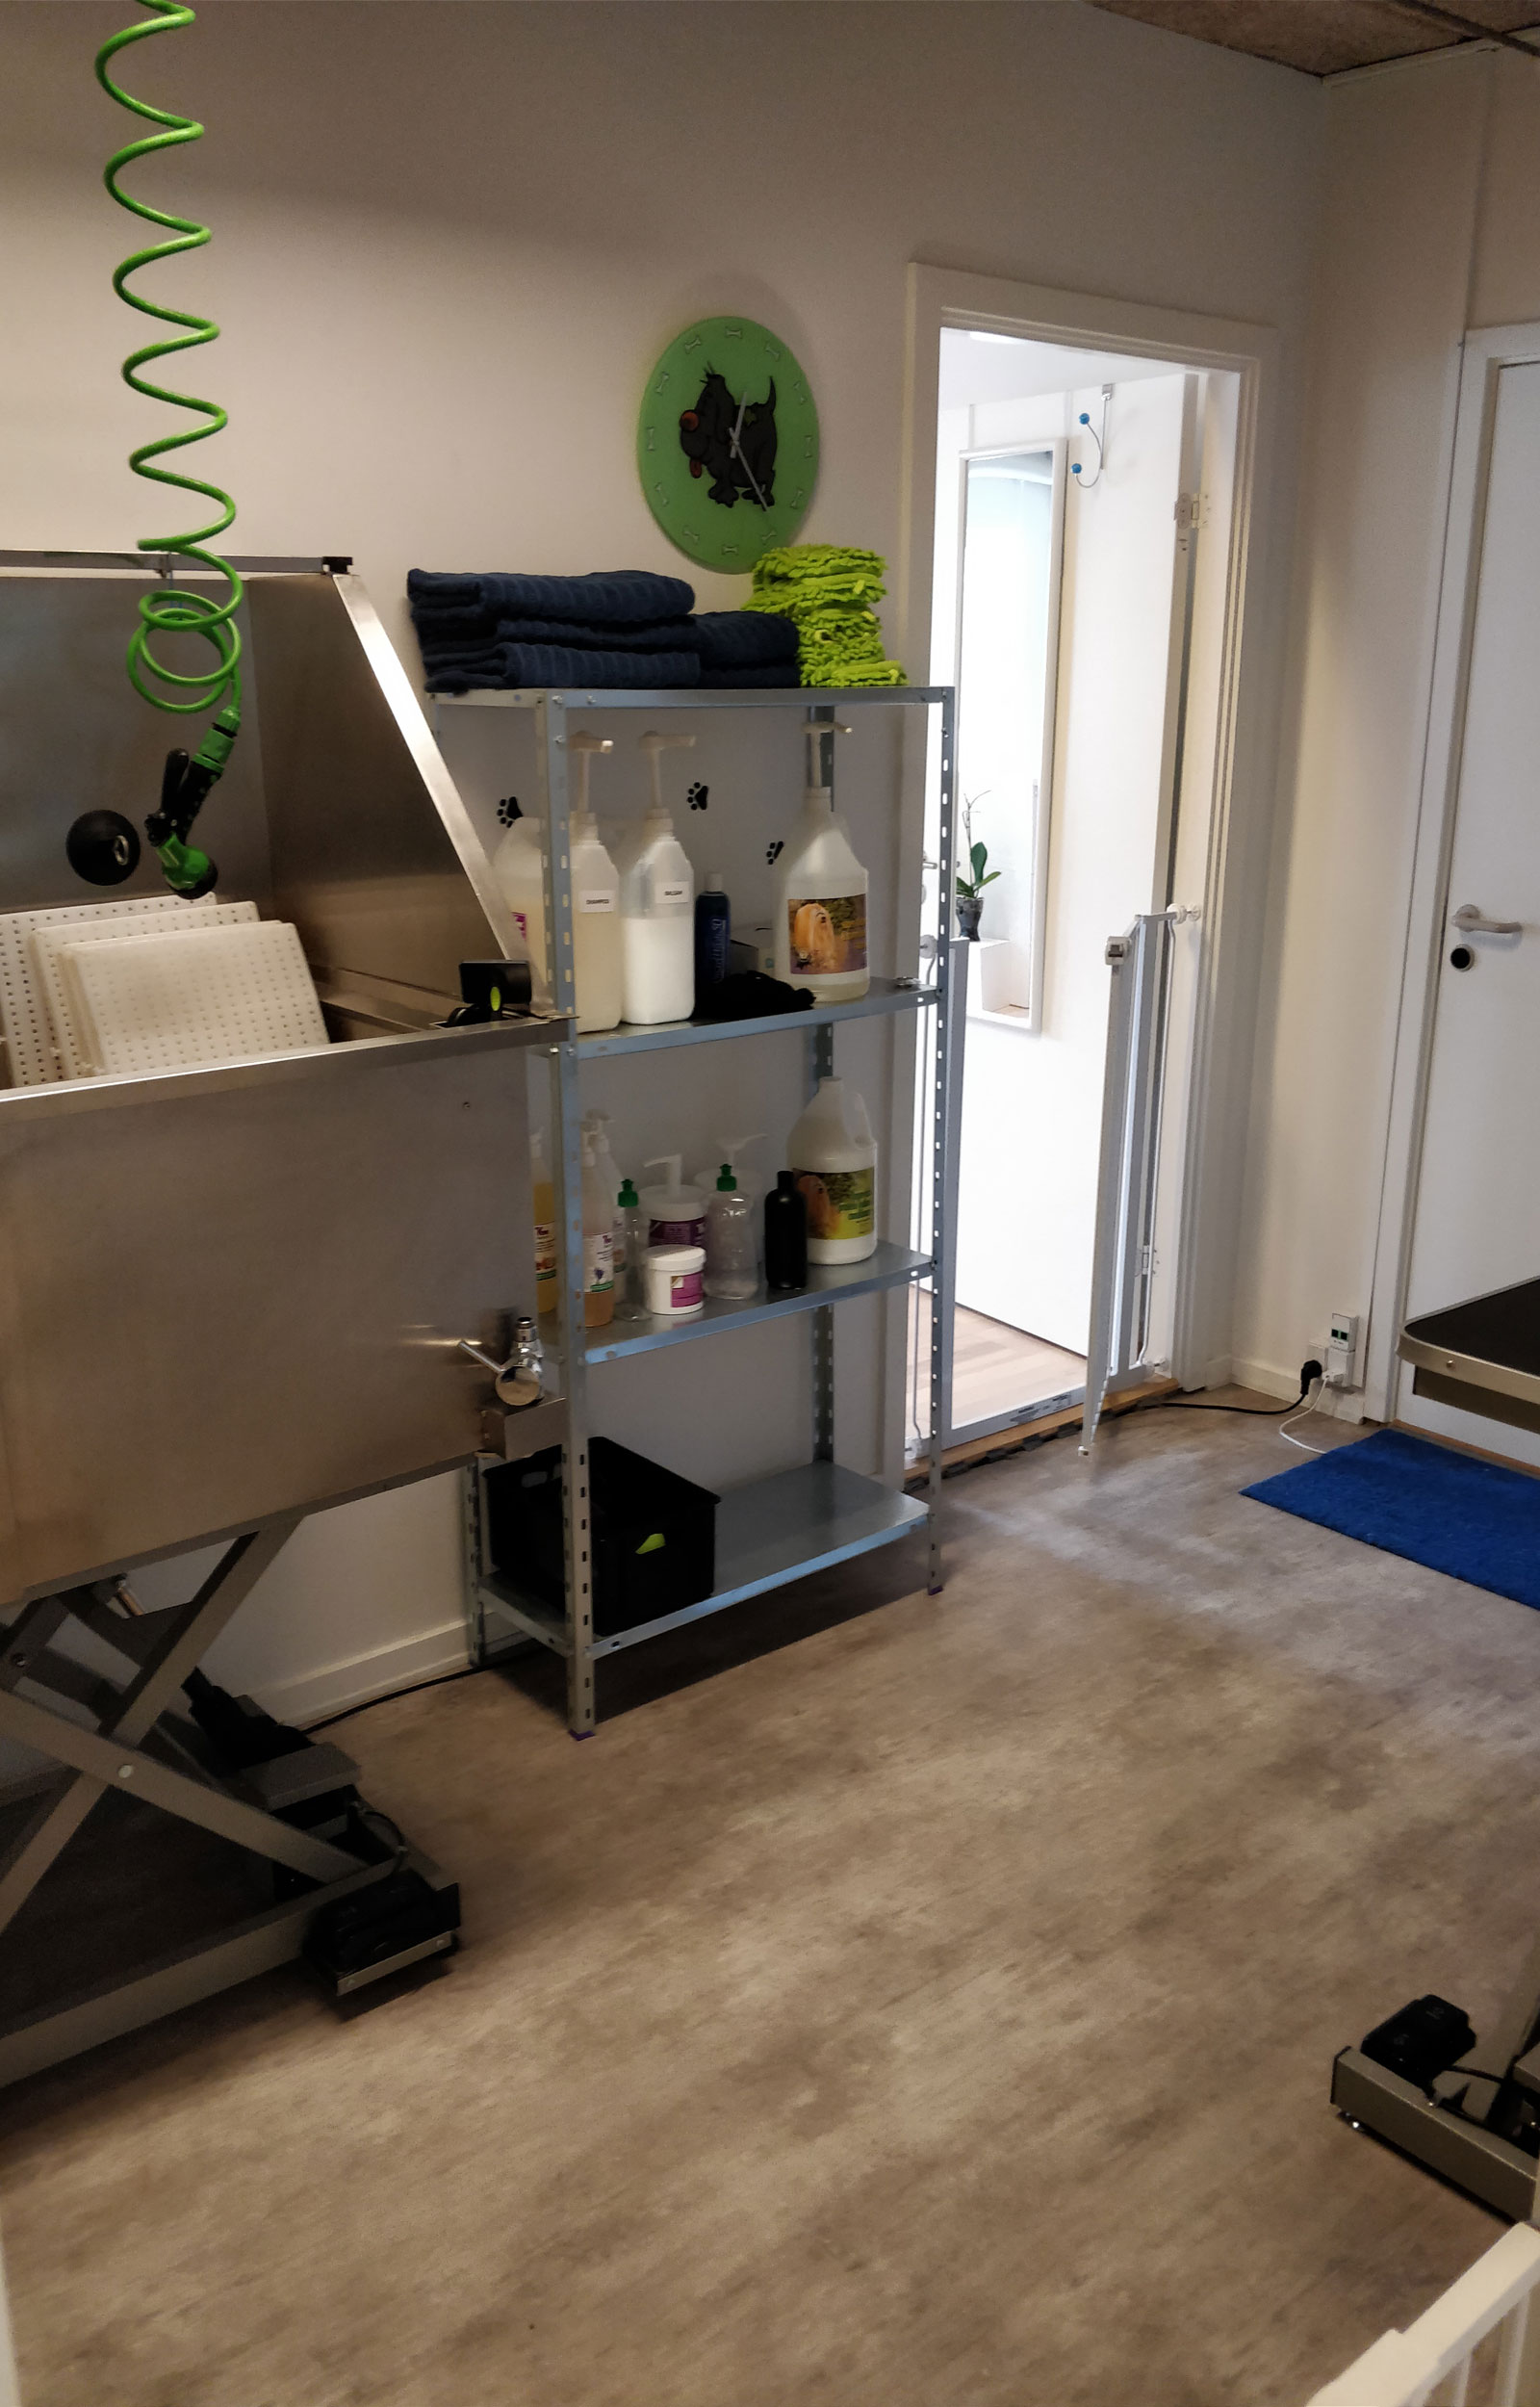 Hunde-Salonens kombinerede bade- og tørrerum - plads til både store og små